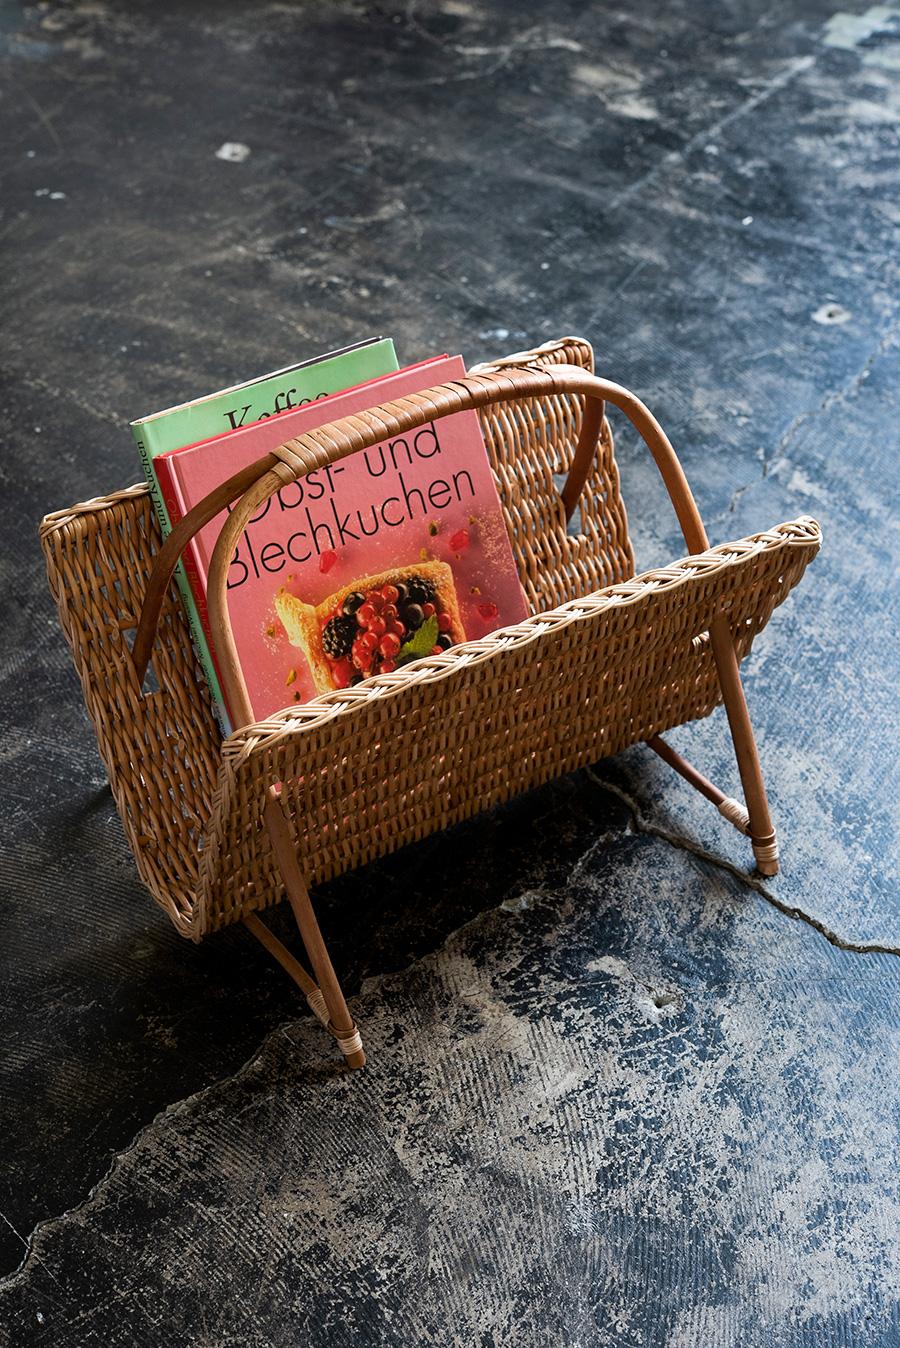 重たい本も支えてくれる丈夫なマガジンバスケット¥13,750。自家栽培のヤナギを使って、ラトビアの職人が手作り。